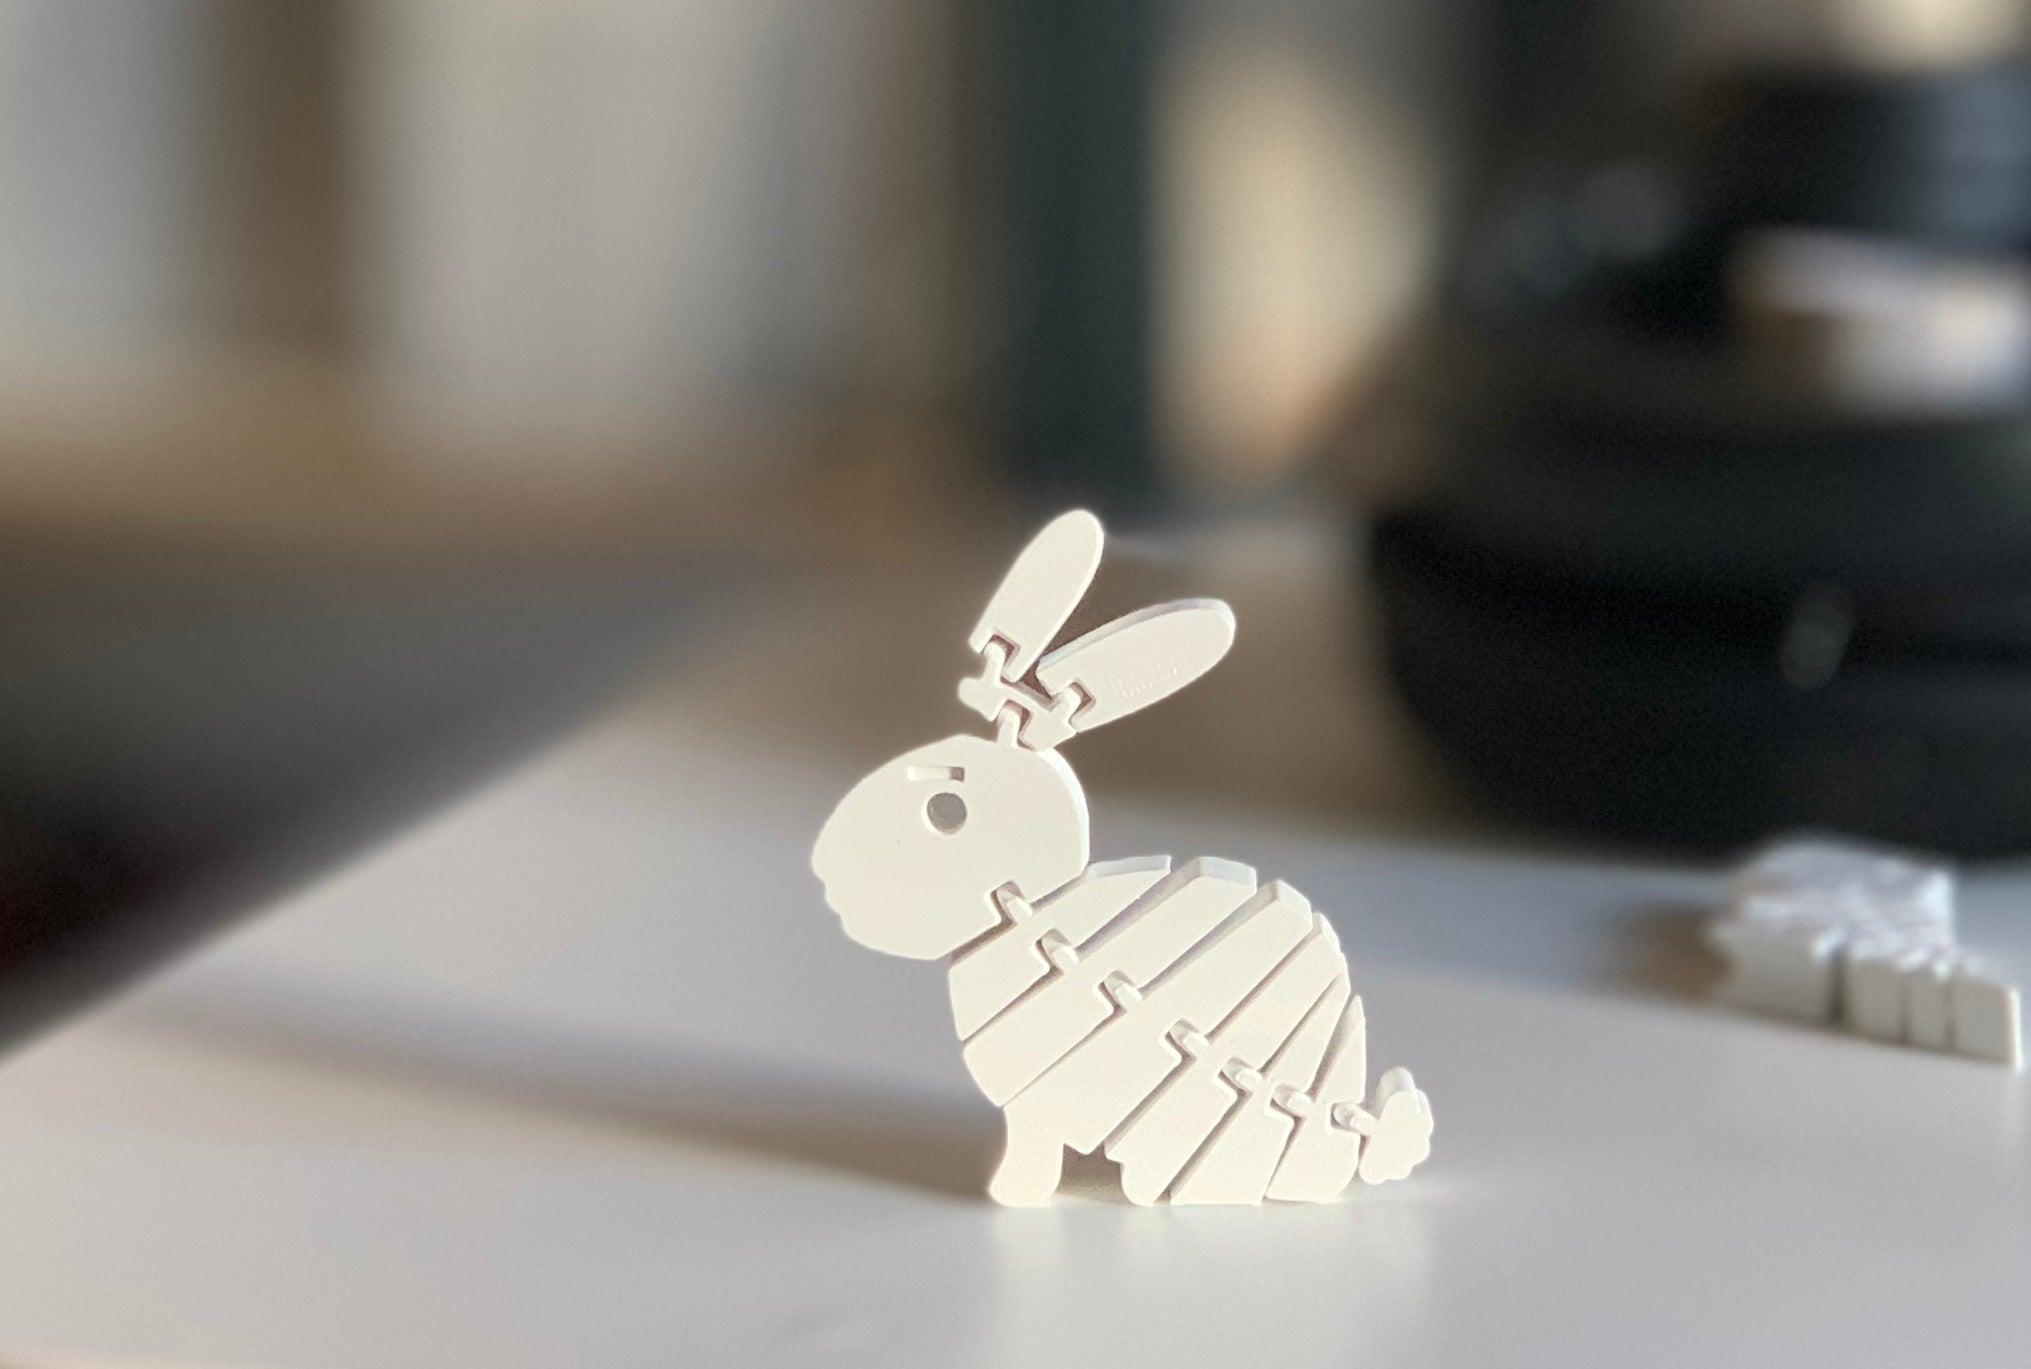 Minik Tavşan Hareketli Dekoratif Biblo Dekor Hediyelik Süs